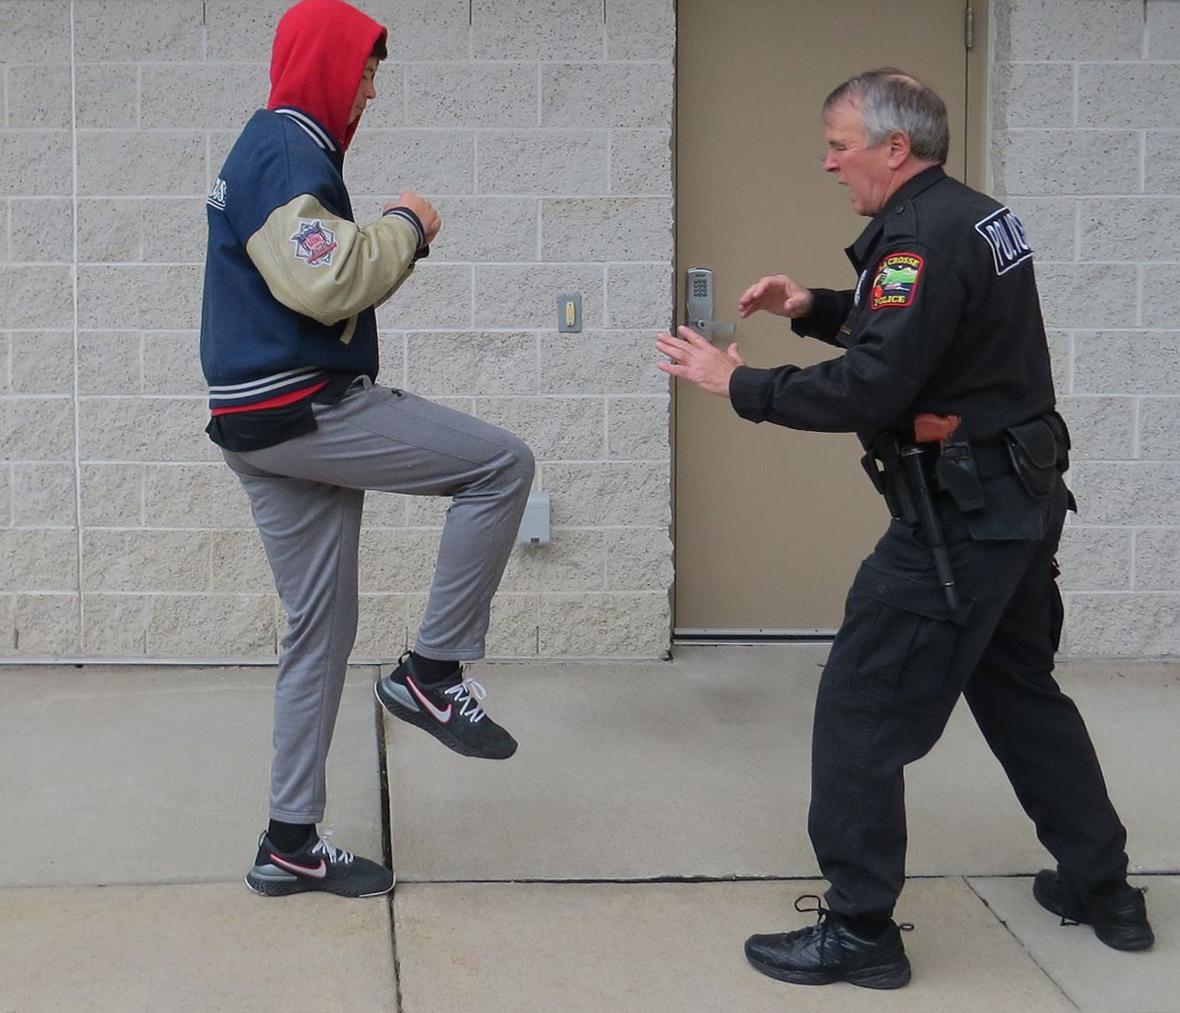 Bước một. Ảnh: Police1.